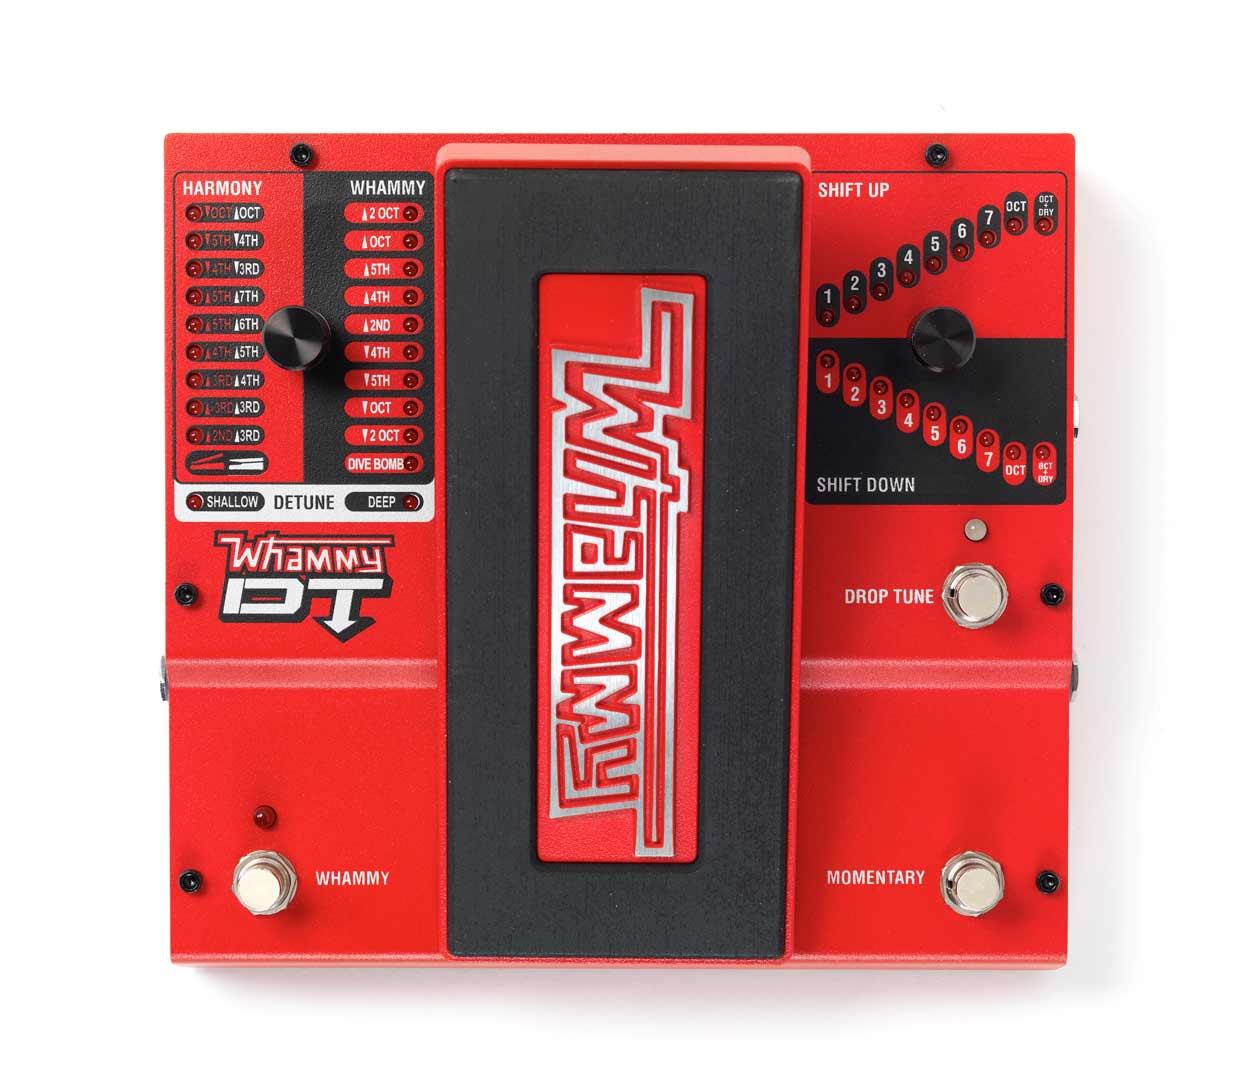 Digitech Whammy DT oktav-pedal